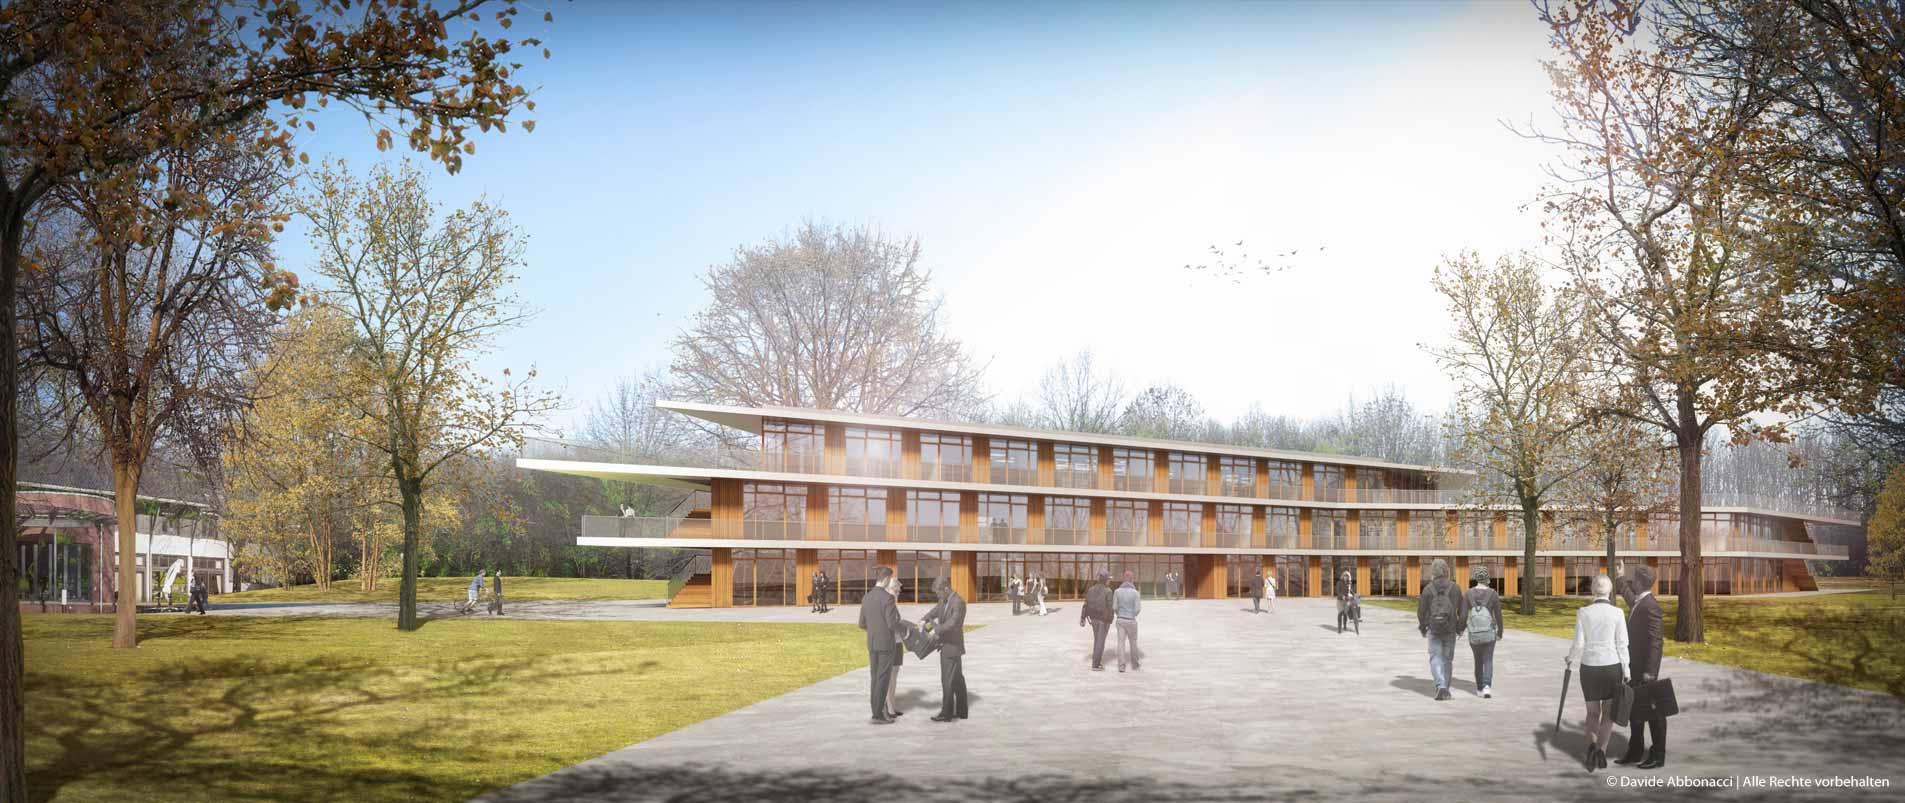 AIZ Erweiterung, Bonn-Röttgen   Numrich Albrecht Klumpp Architekten   2014 Wettbewerbsvisualisierung